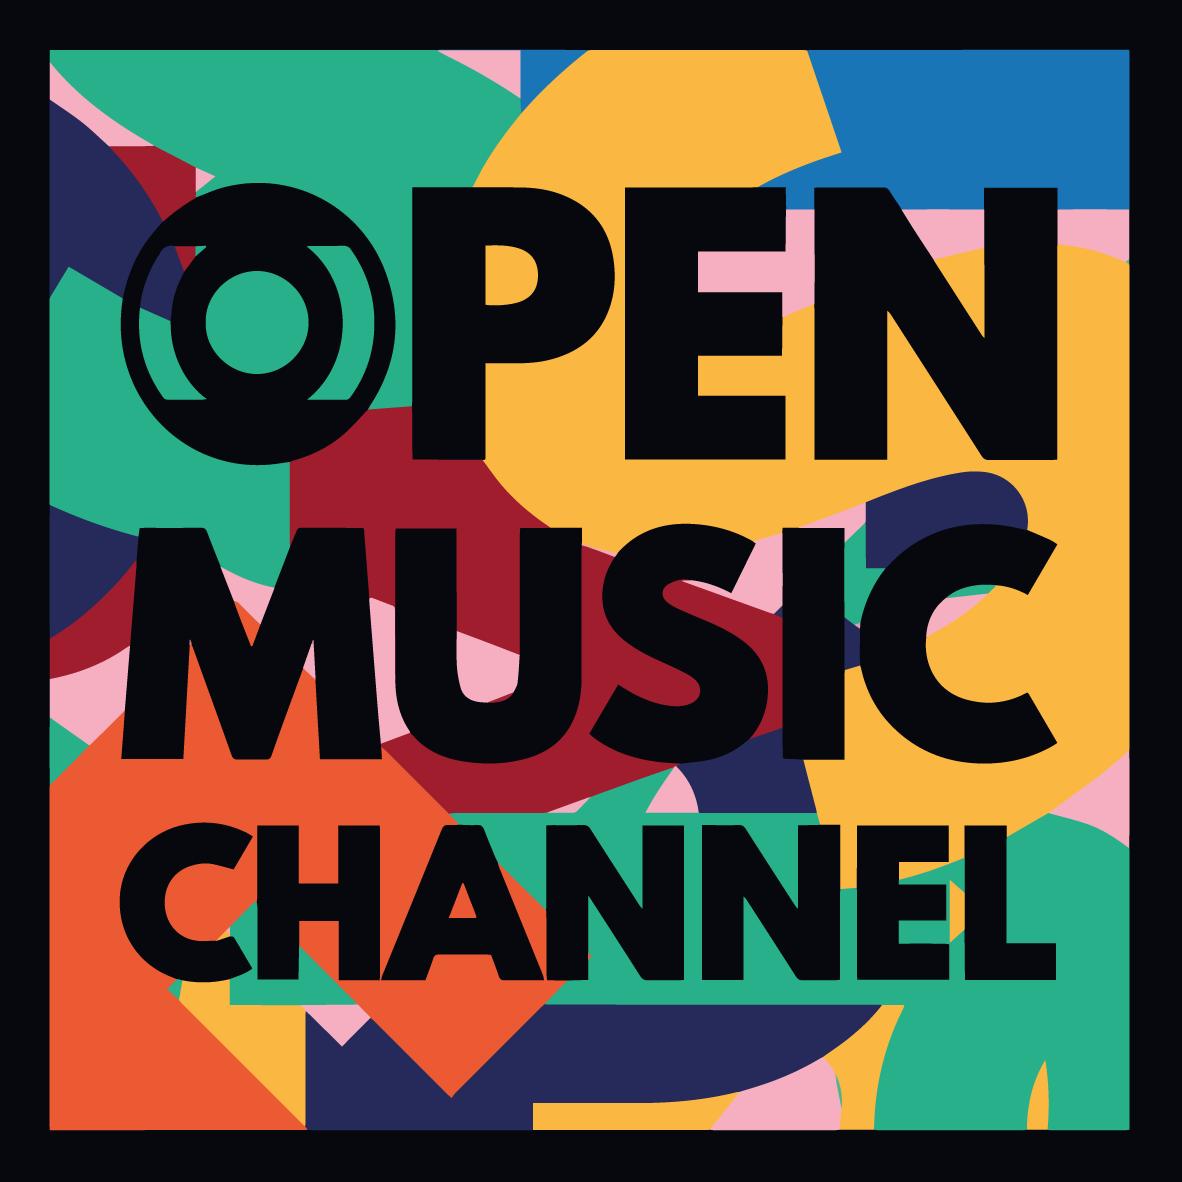 Open Music Channel